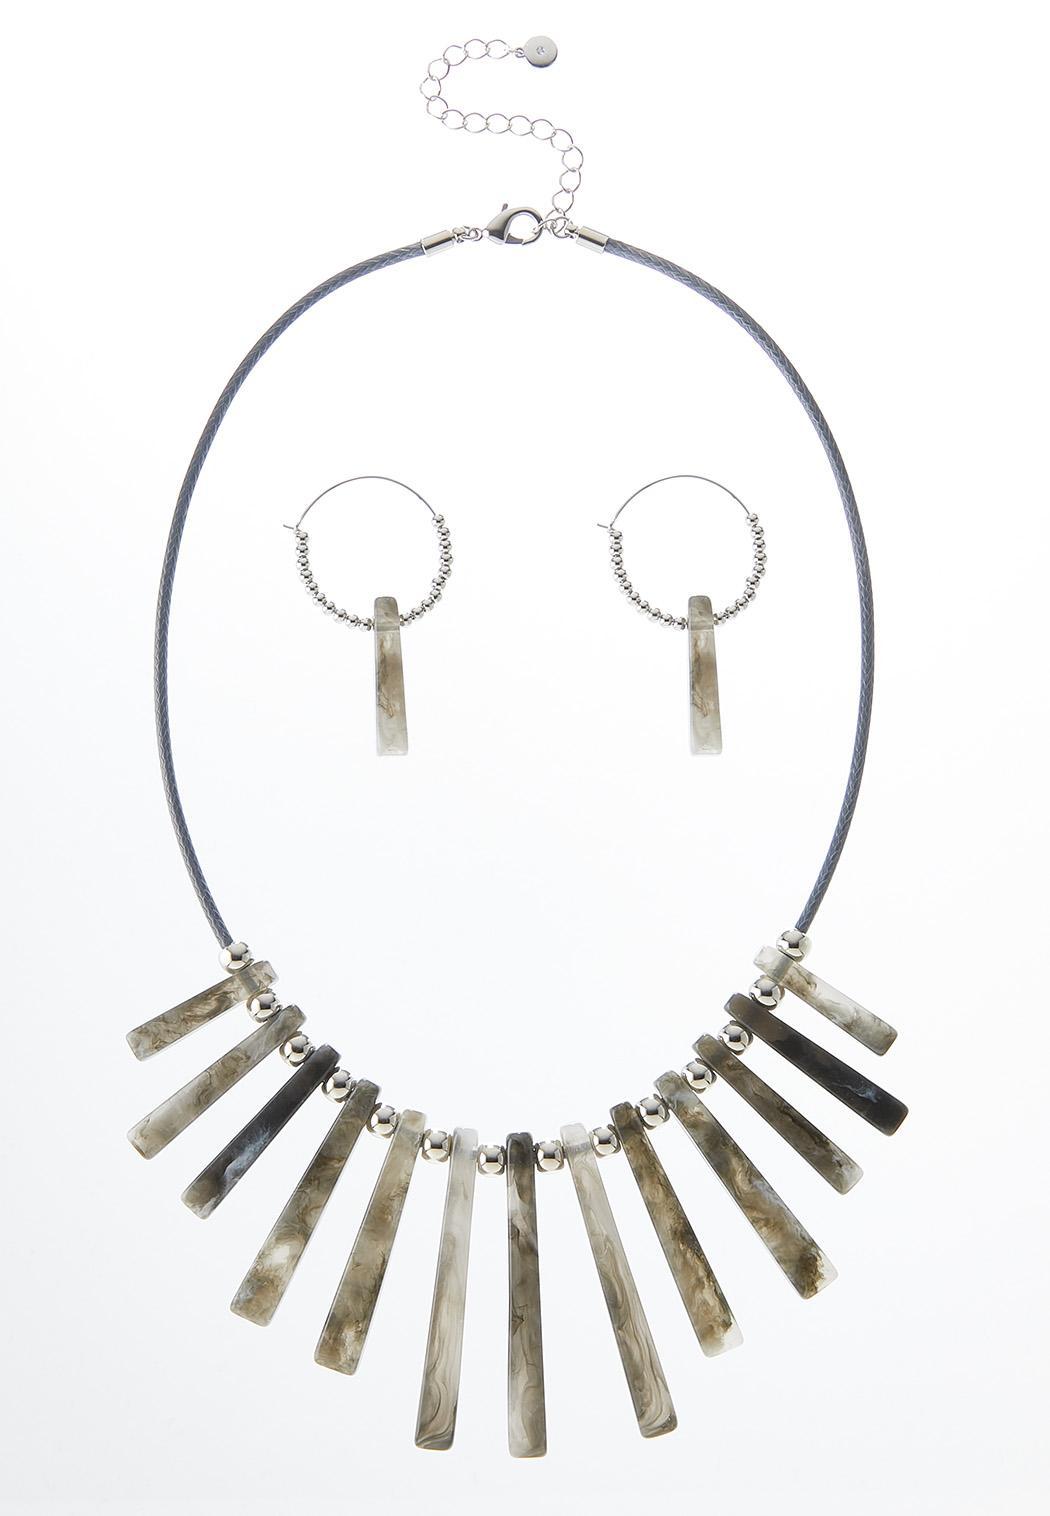 Resin Stick Necklace Set